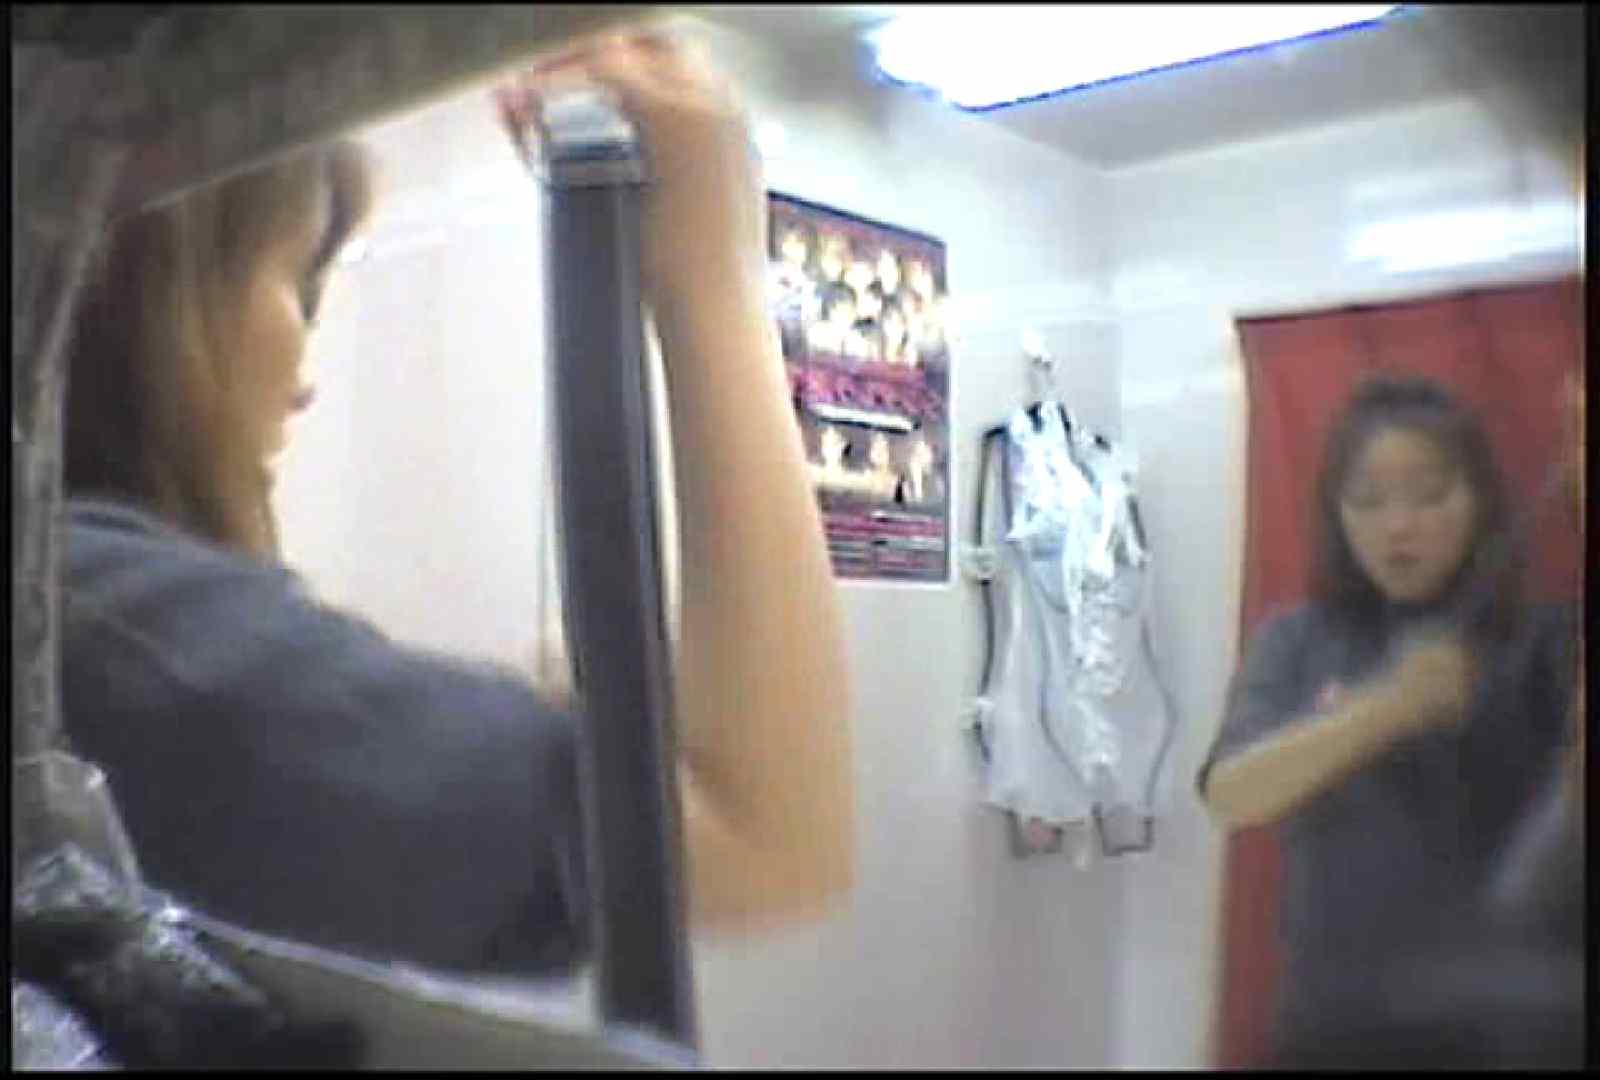 ショップ店長流出!!変態下着を買い漁る女達!Vol.4 ギャルのエロ動画 | 着替え  58画像 55